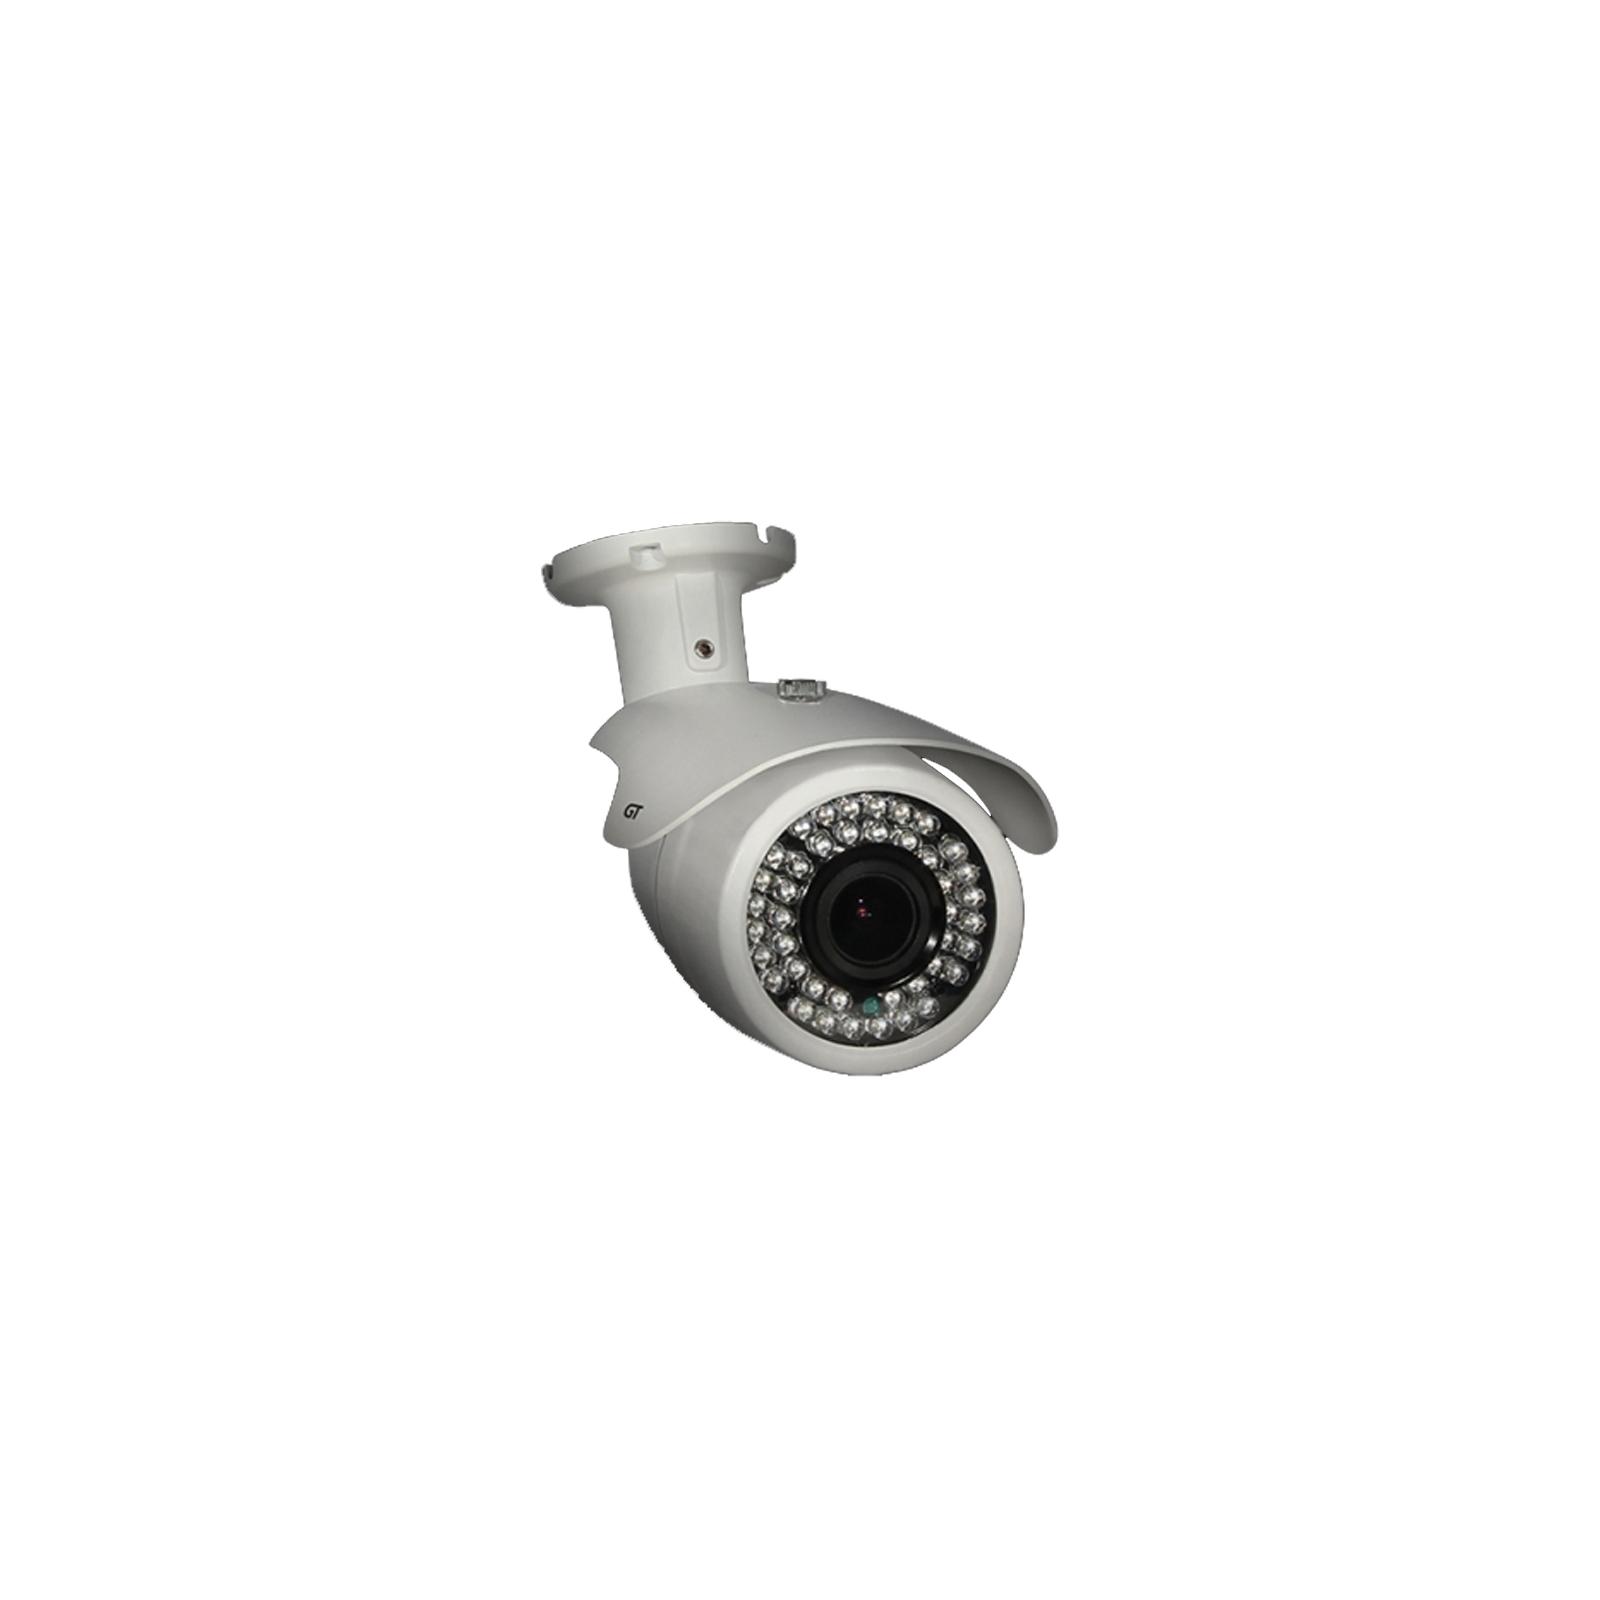 Камера видеонаблюдения GT Electronics AH282-20 изображение 2